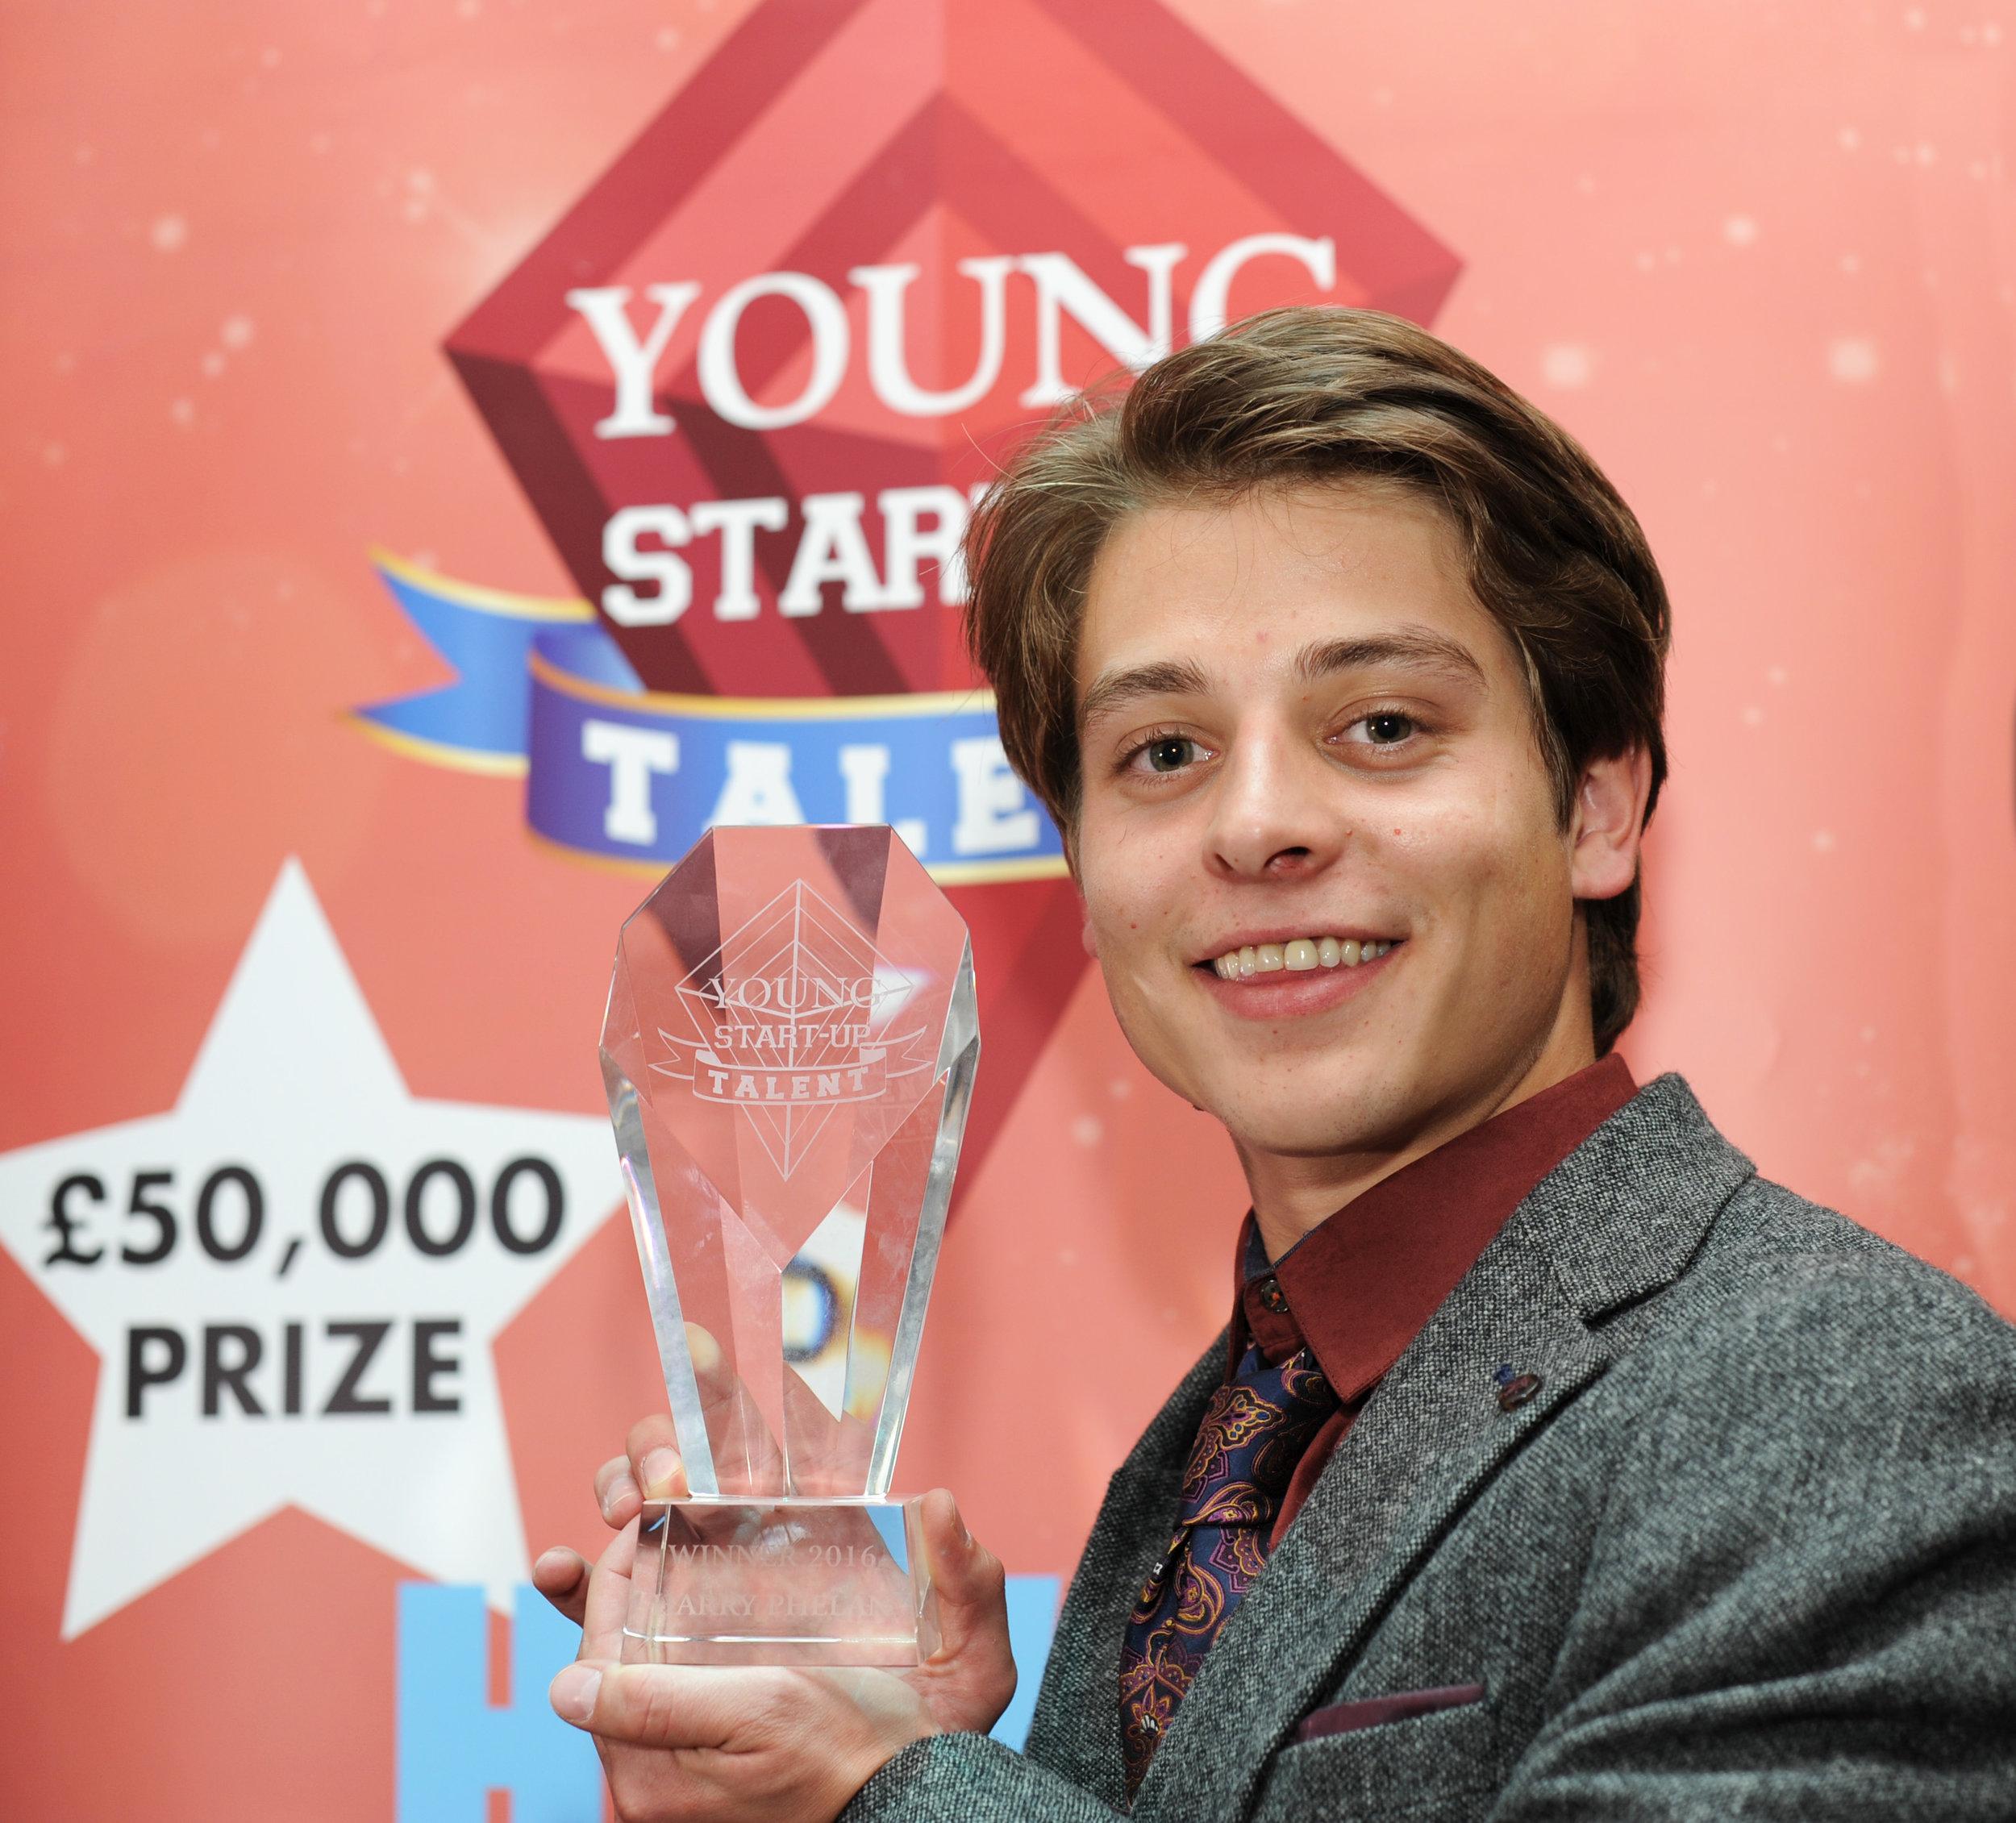 Solent Young Start Up Winner Harry Phelan